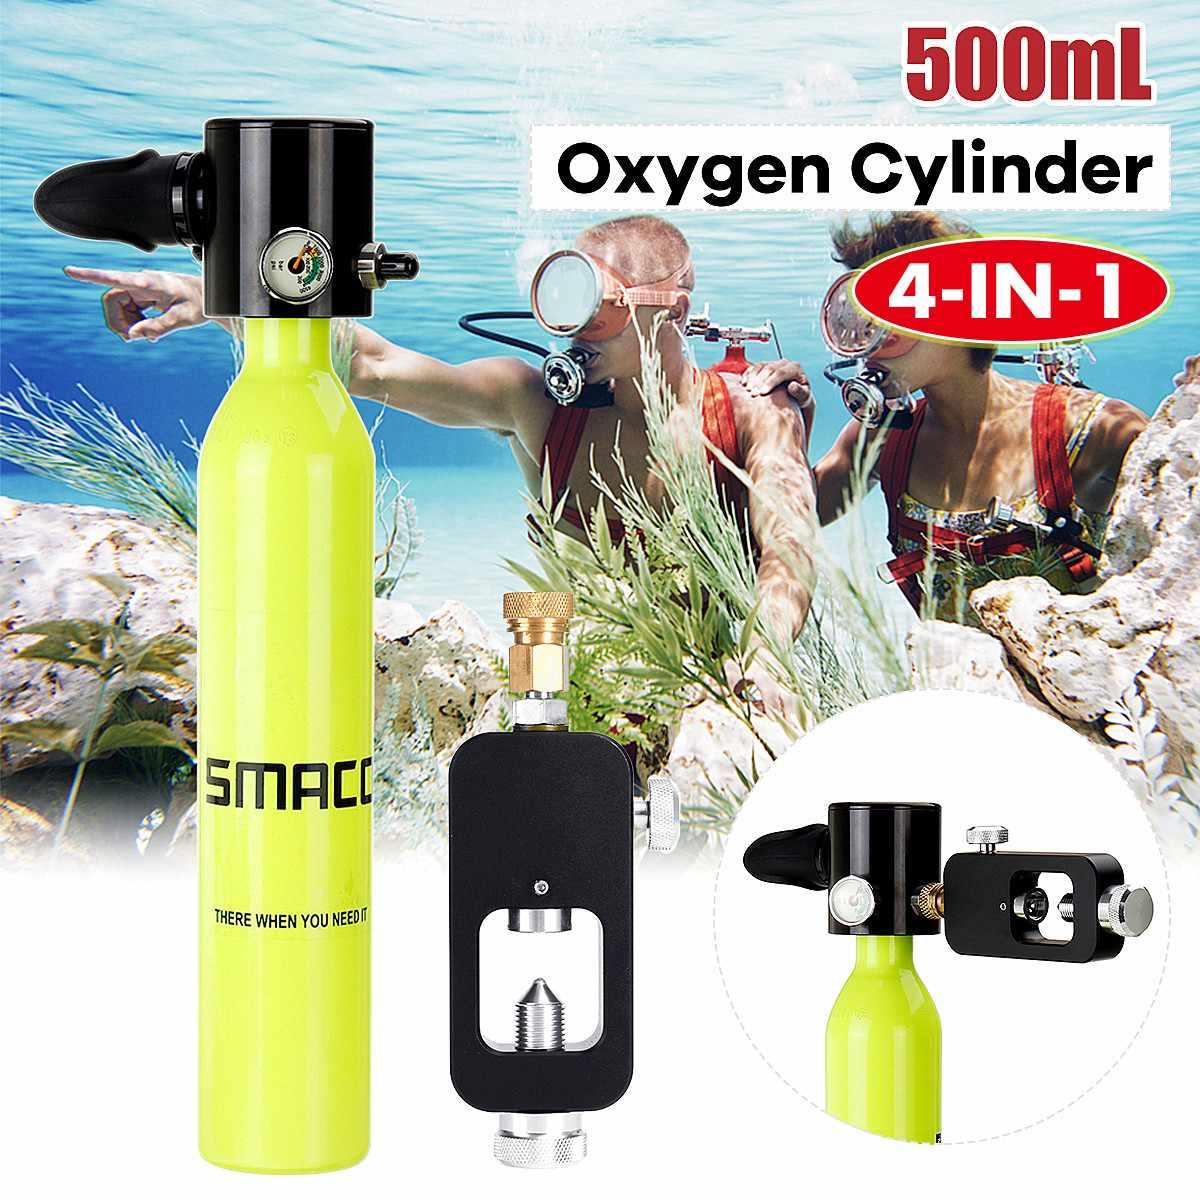 4-en-1 500 mL Smaco Mini equipo de buceo cilindro de oxígeno portátil de aire tanque de oxígeno con aqualung de unión